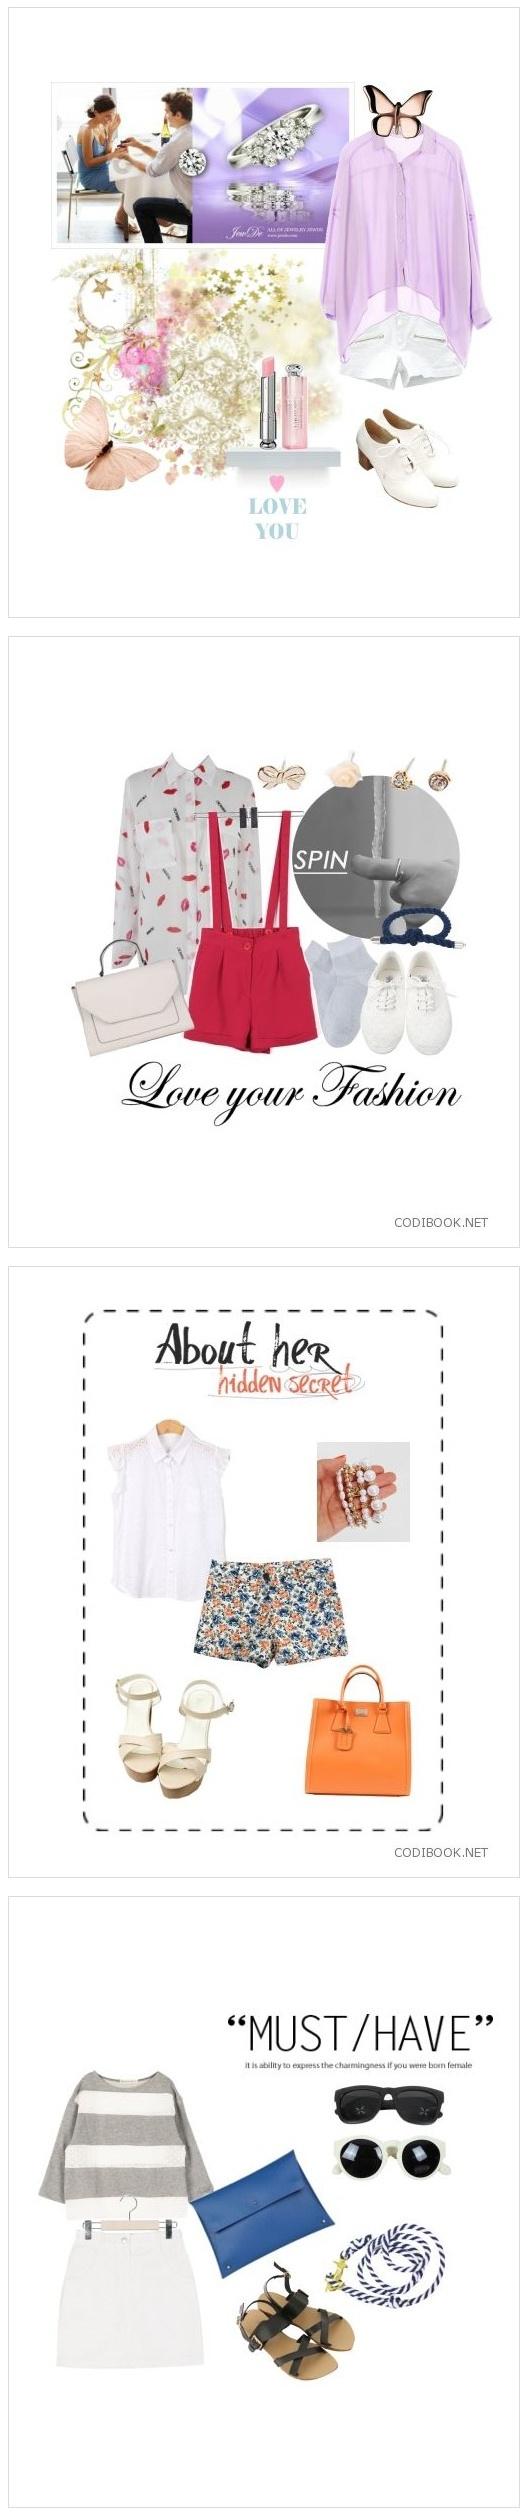 초여름 패션! 귀엽고 여성스럽게!